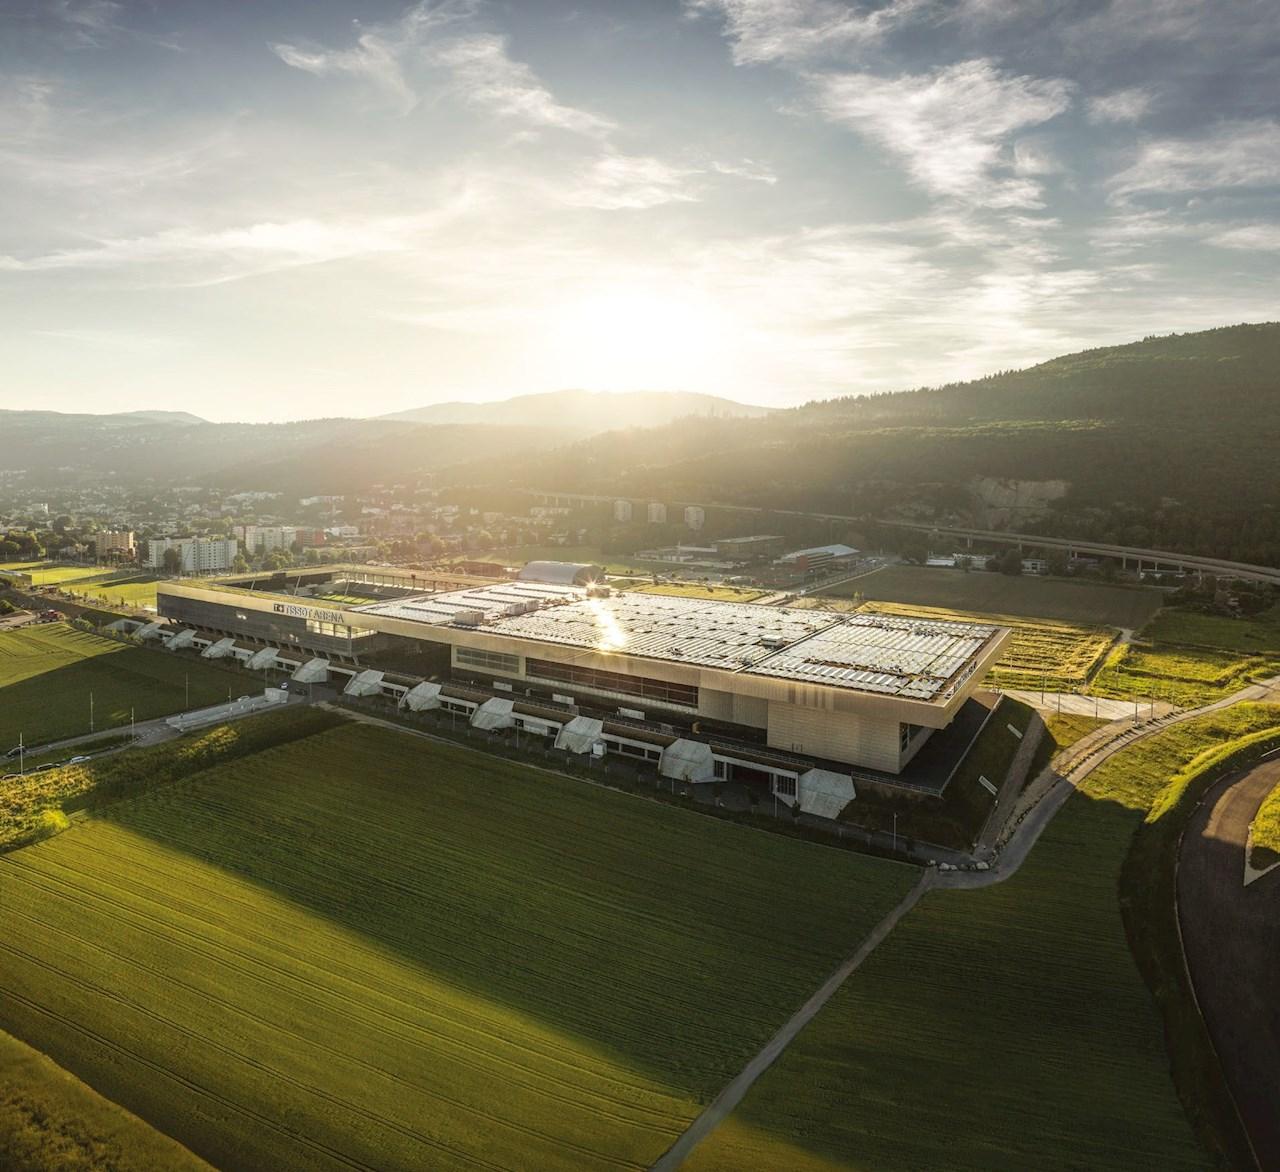 Az ABB és a HPE együttműködik a szuperszámítógépek energiafogyasztásának csökkentése érdekében